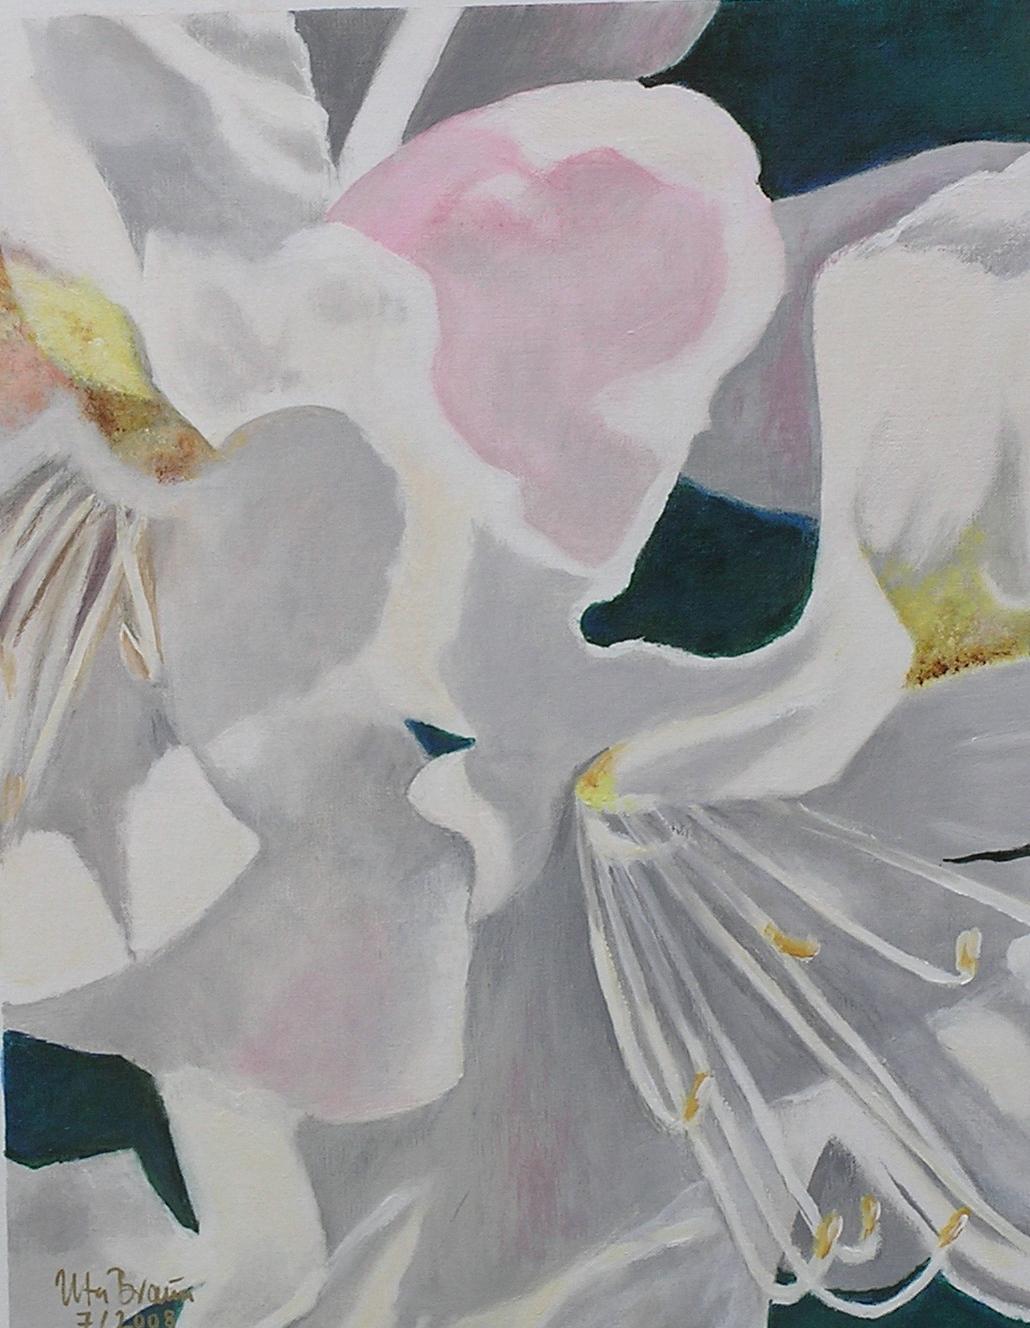 Blütenstruktur weißer Rhododendron (2) (40 x 50)